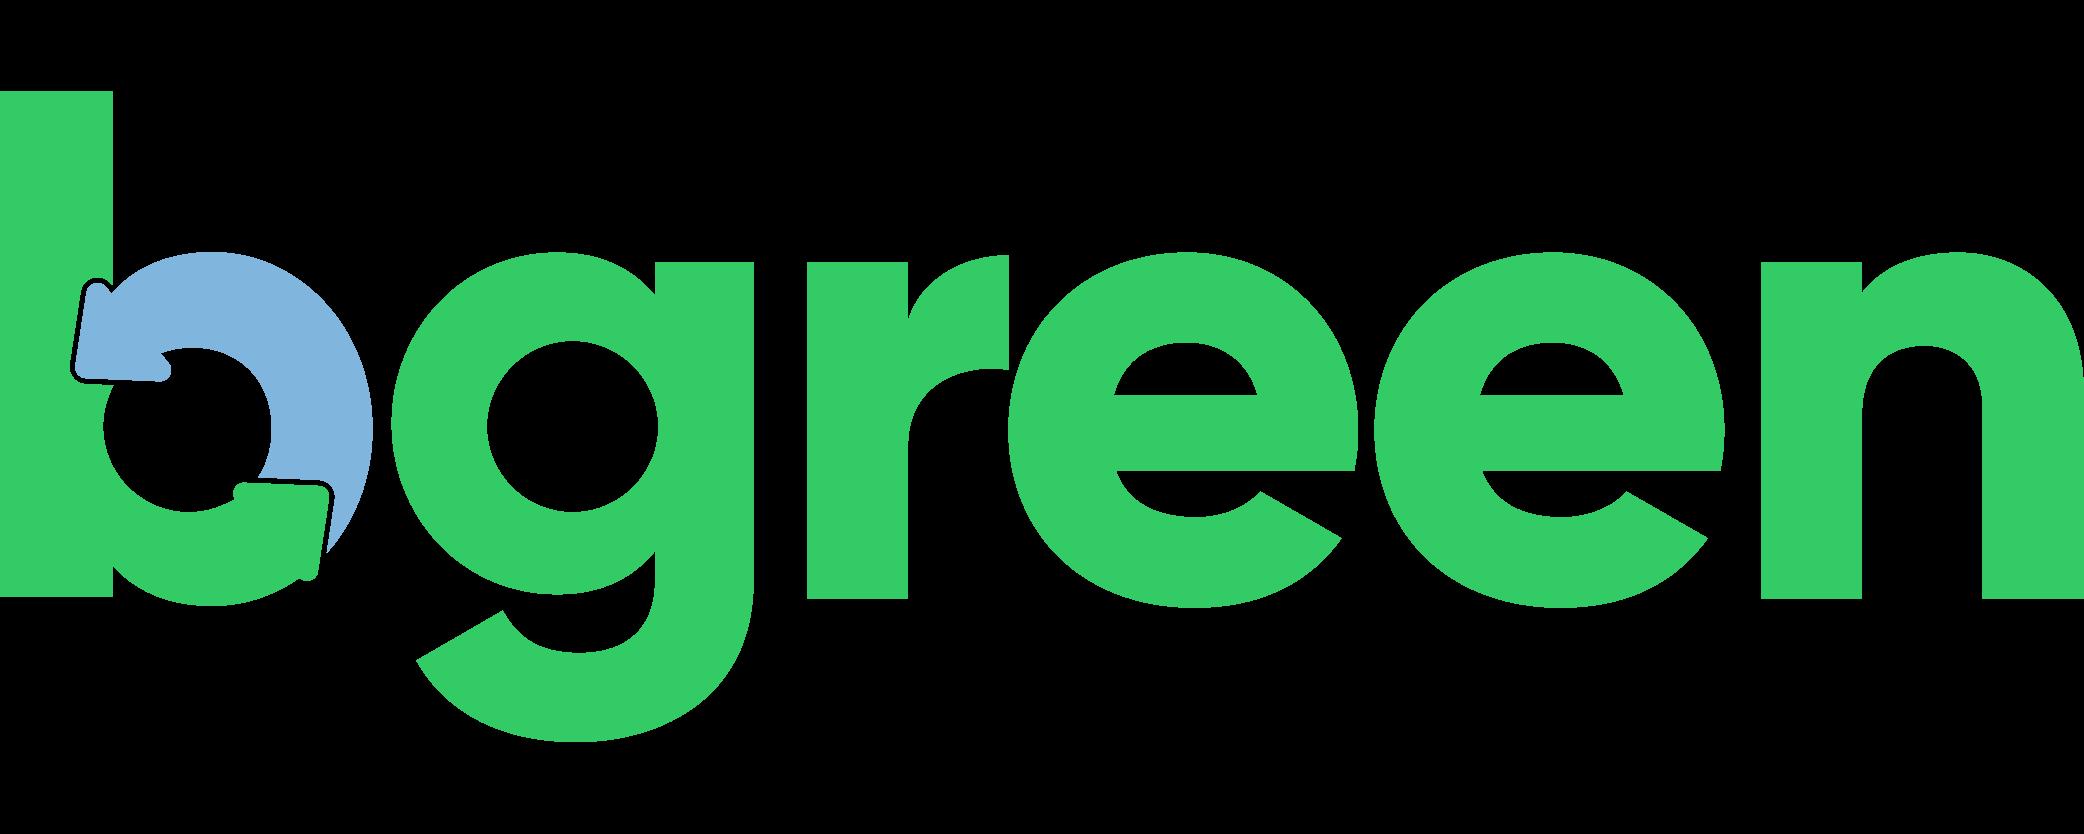 (c) B-green.pe